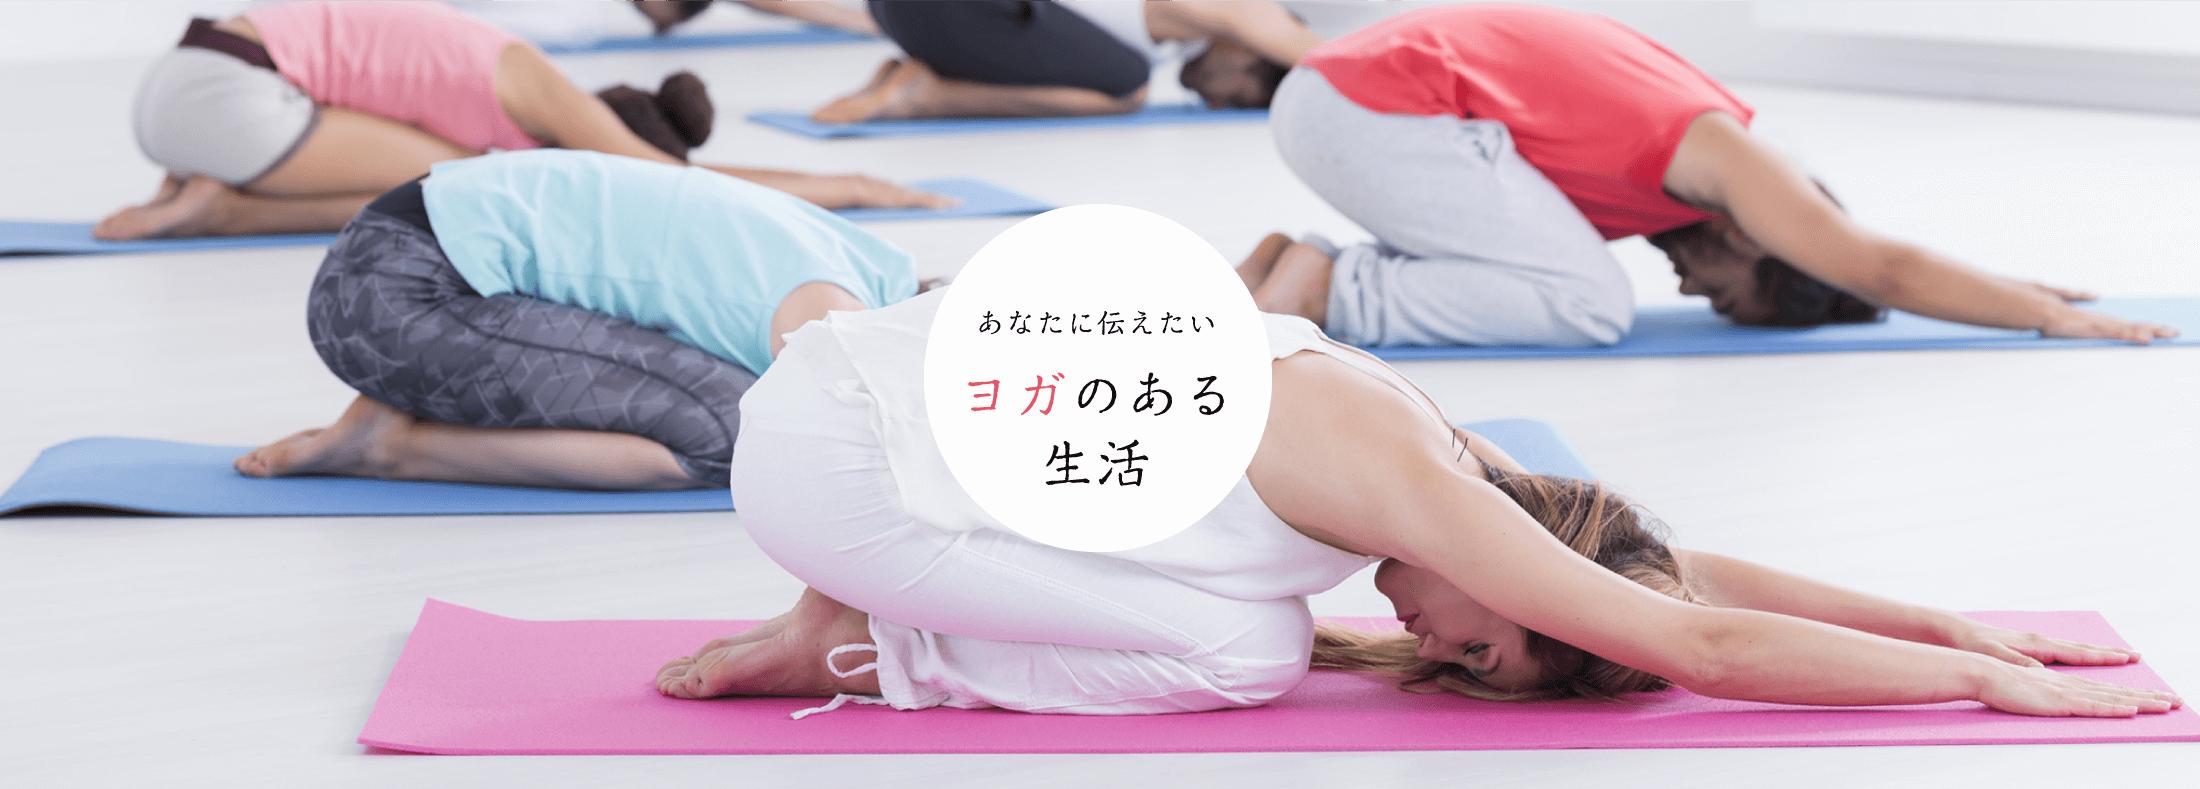 ホットヨガスタジオ ユニオン 高崎飯塚スタジオの画像